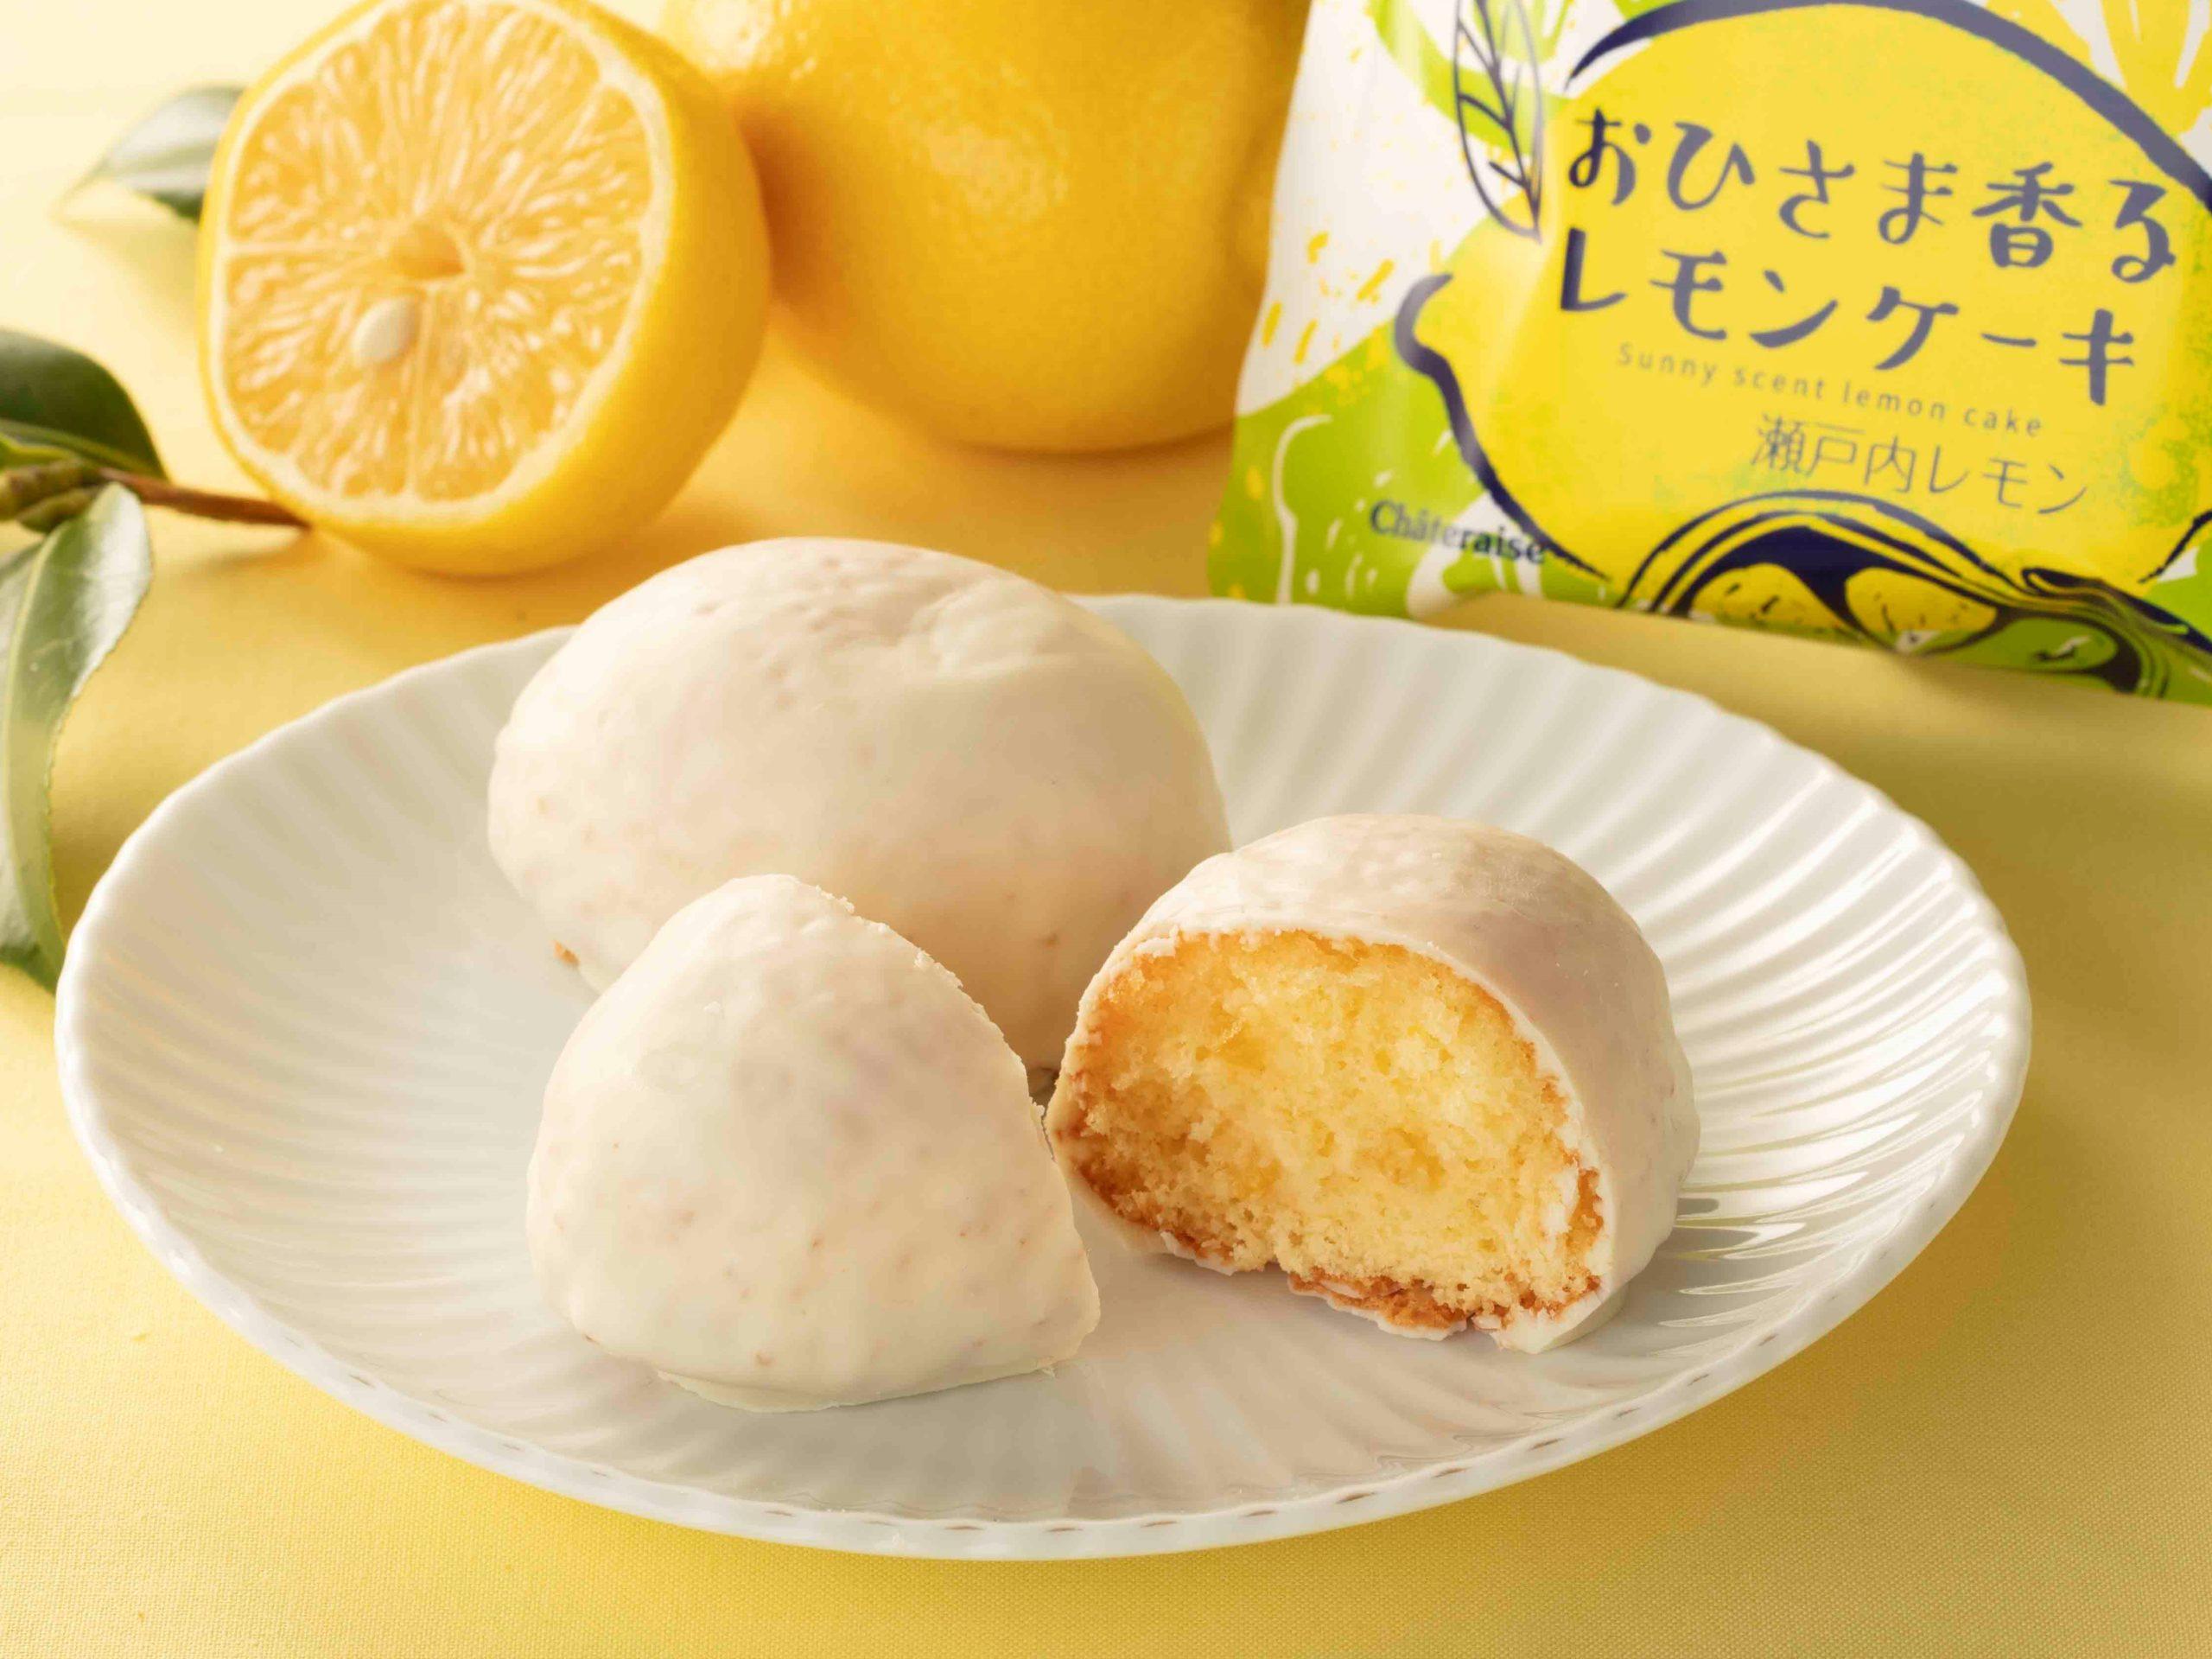 おひさま香るレモンケーキ_画像